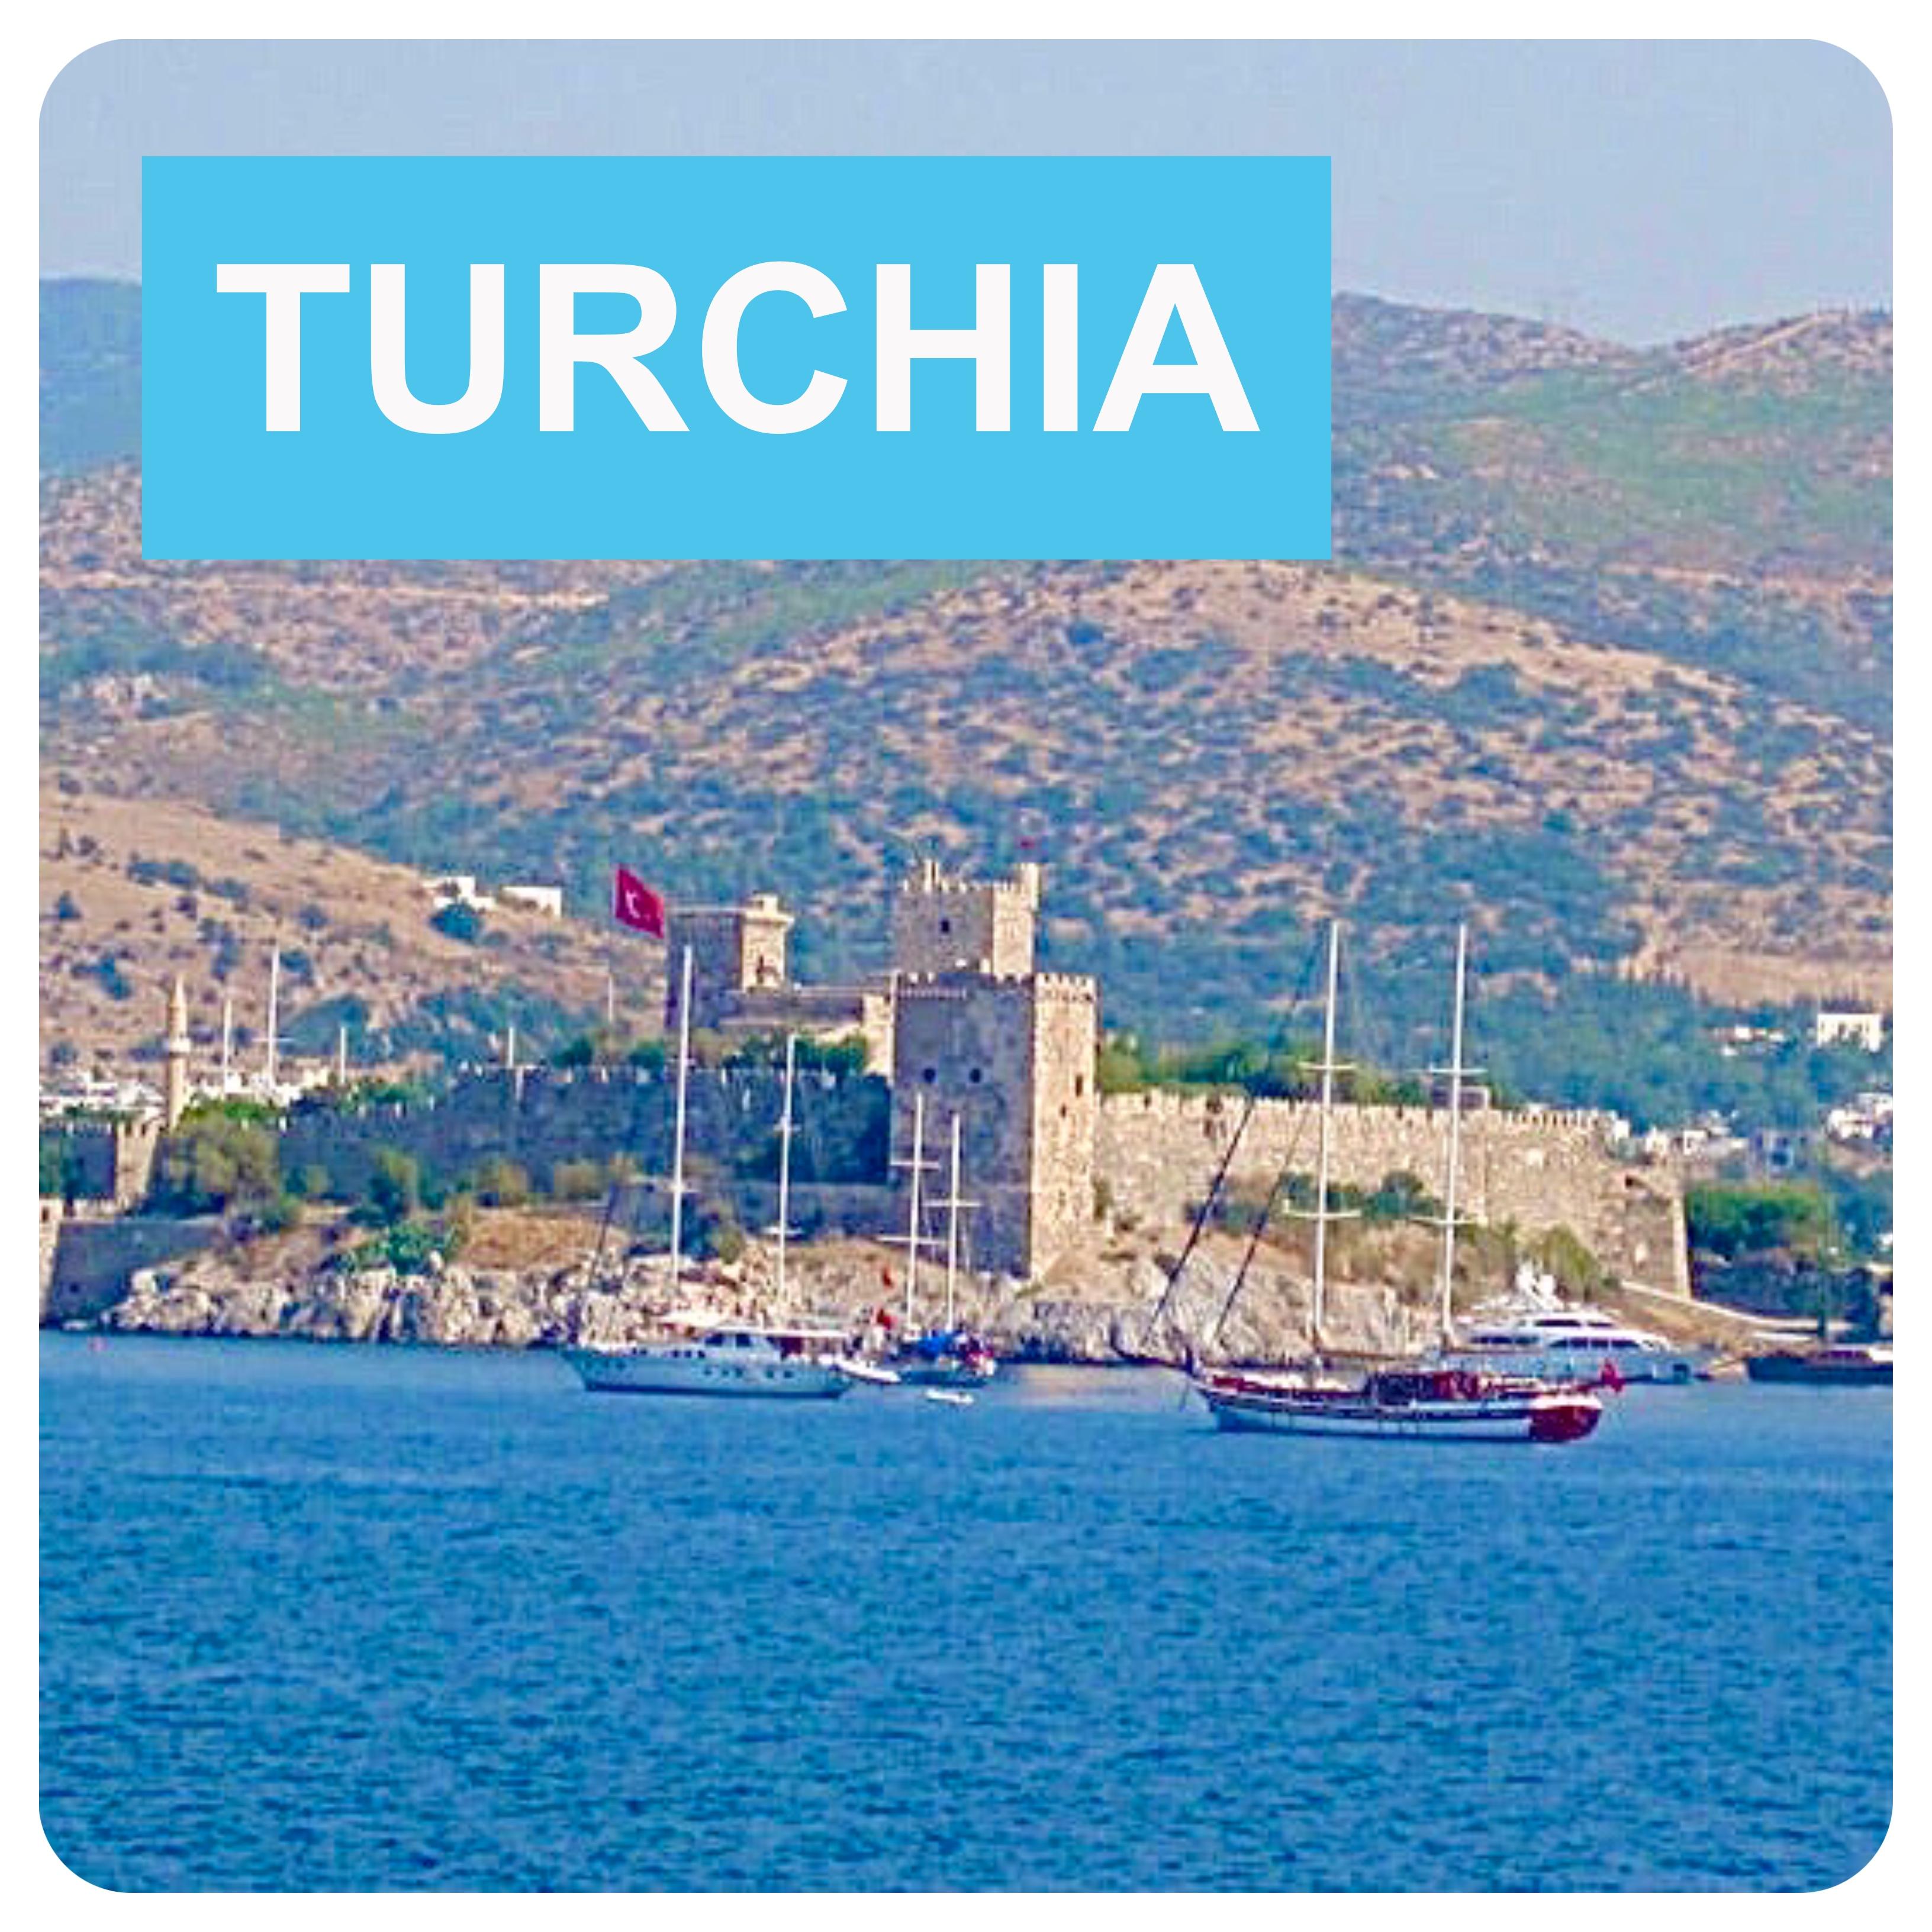 Noleggio auto turchia senza carta di credito